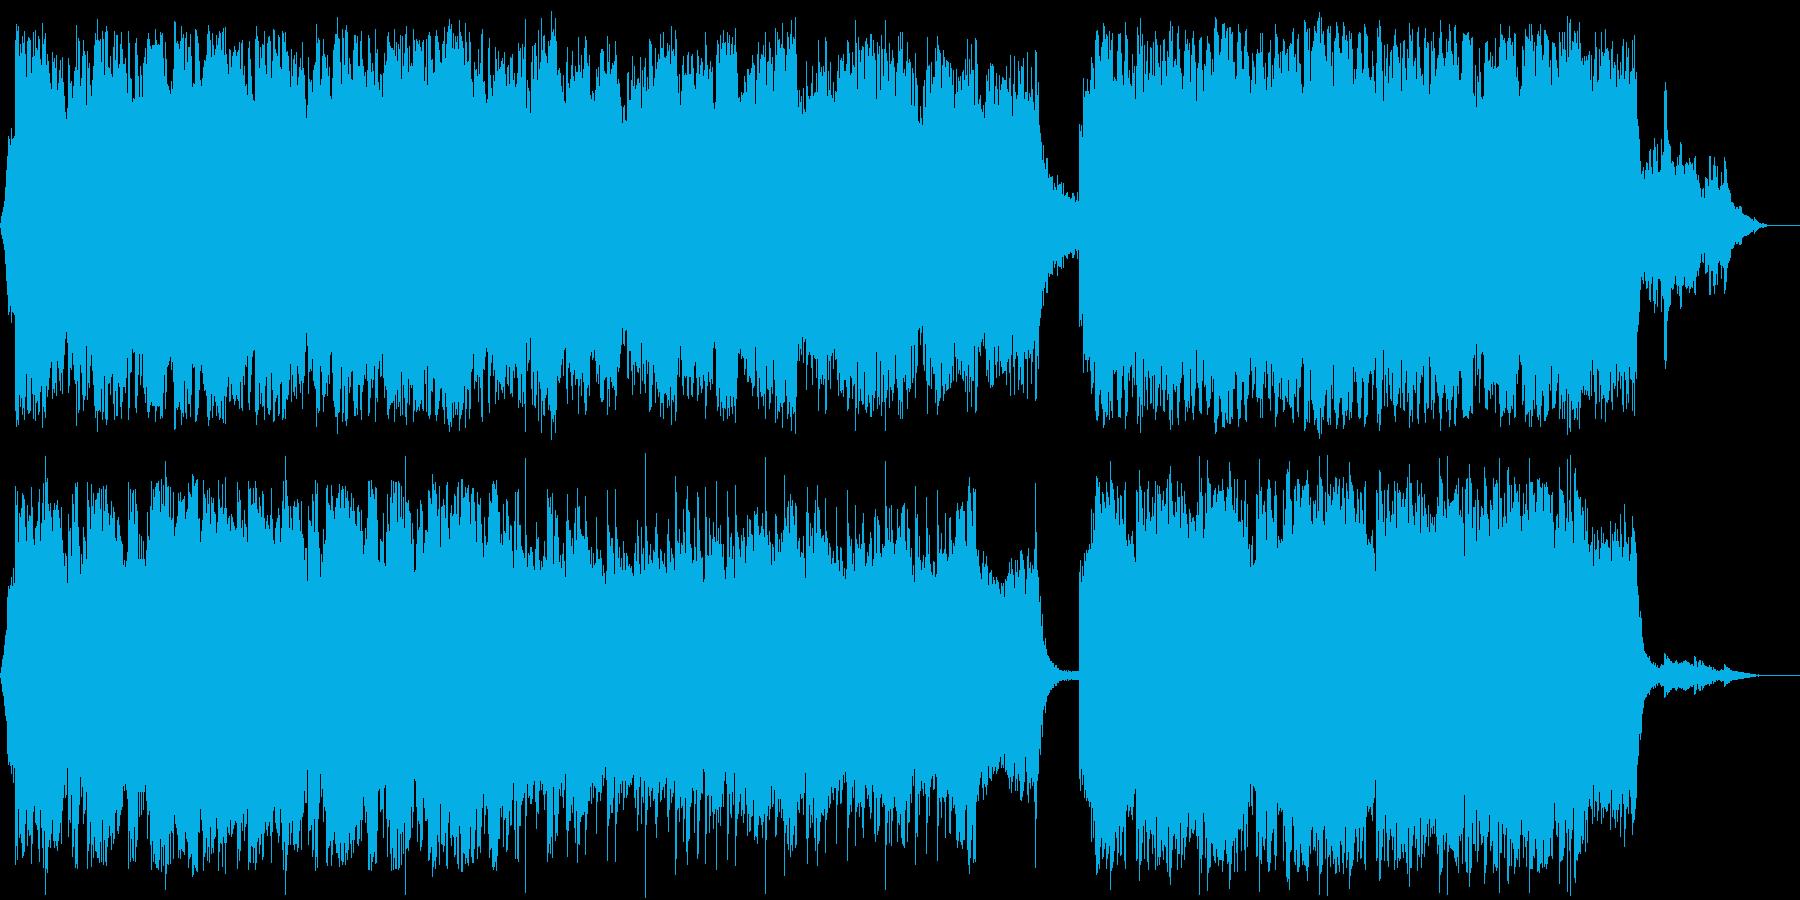 和風で静かな感じのチェロ曲の再生済みの波形